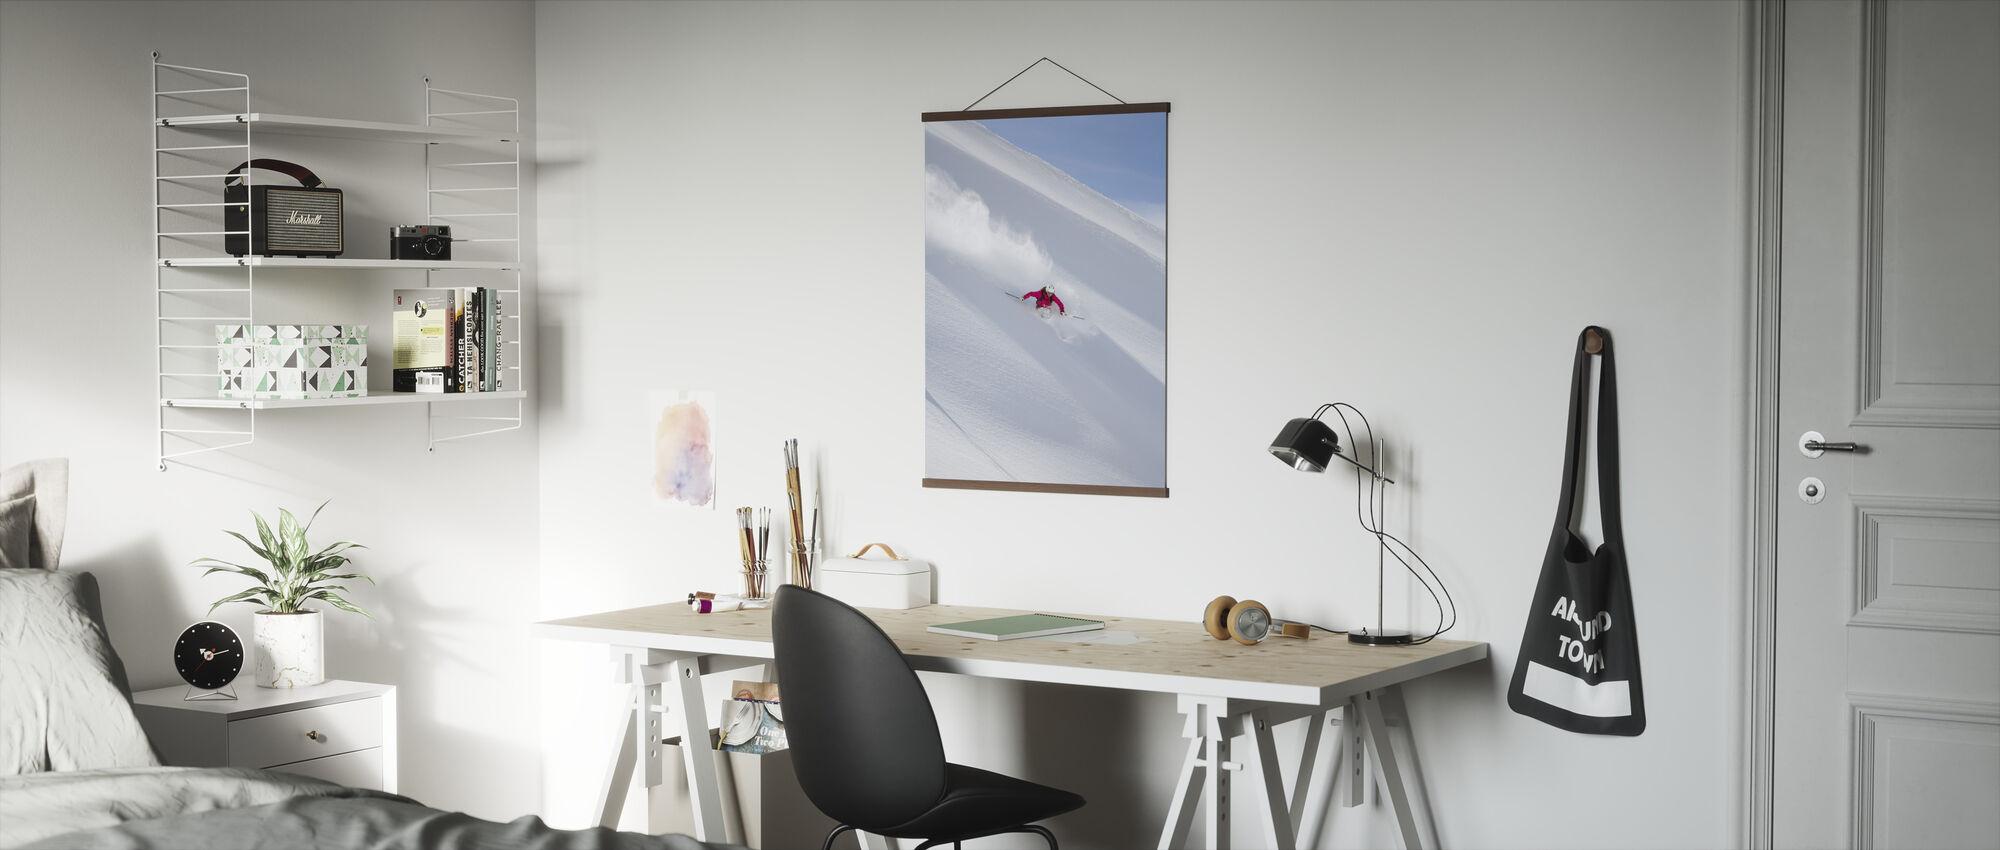 Ski i Chamonix, Frankrike - Plakat - Kontor